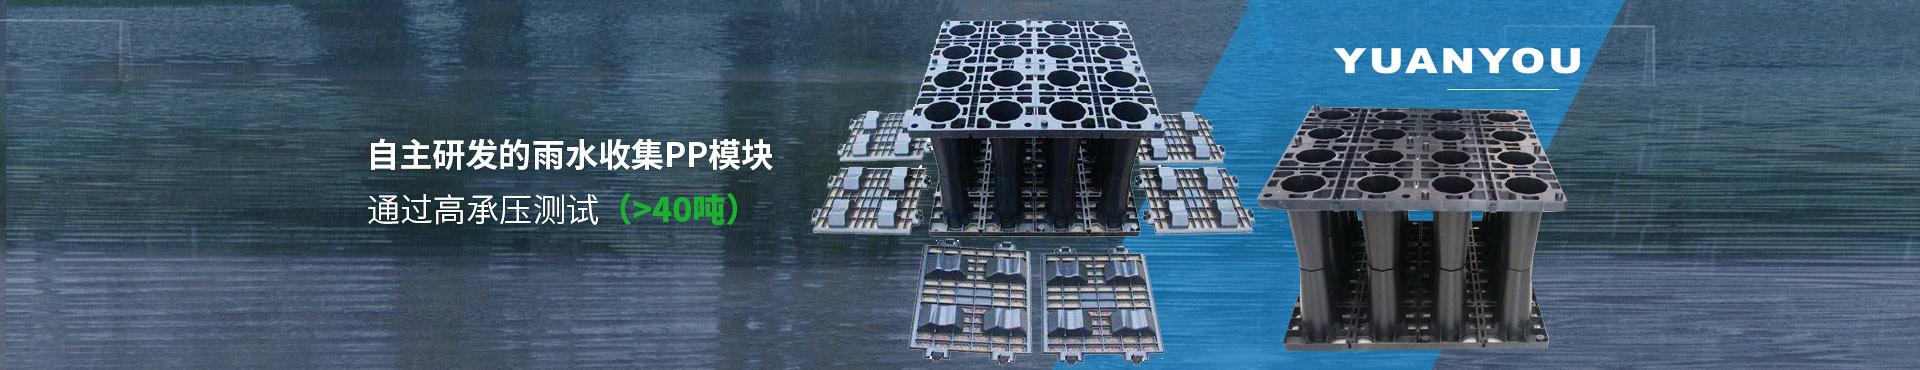 圆祐自主研发的雨水收集PP模块通过高承压测试(>40吨)